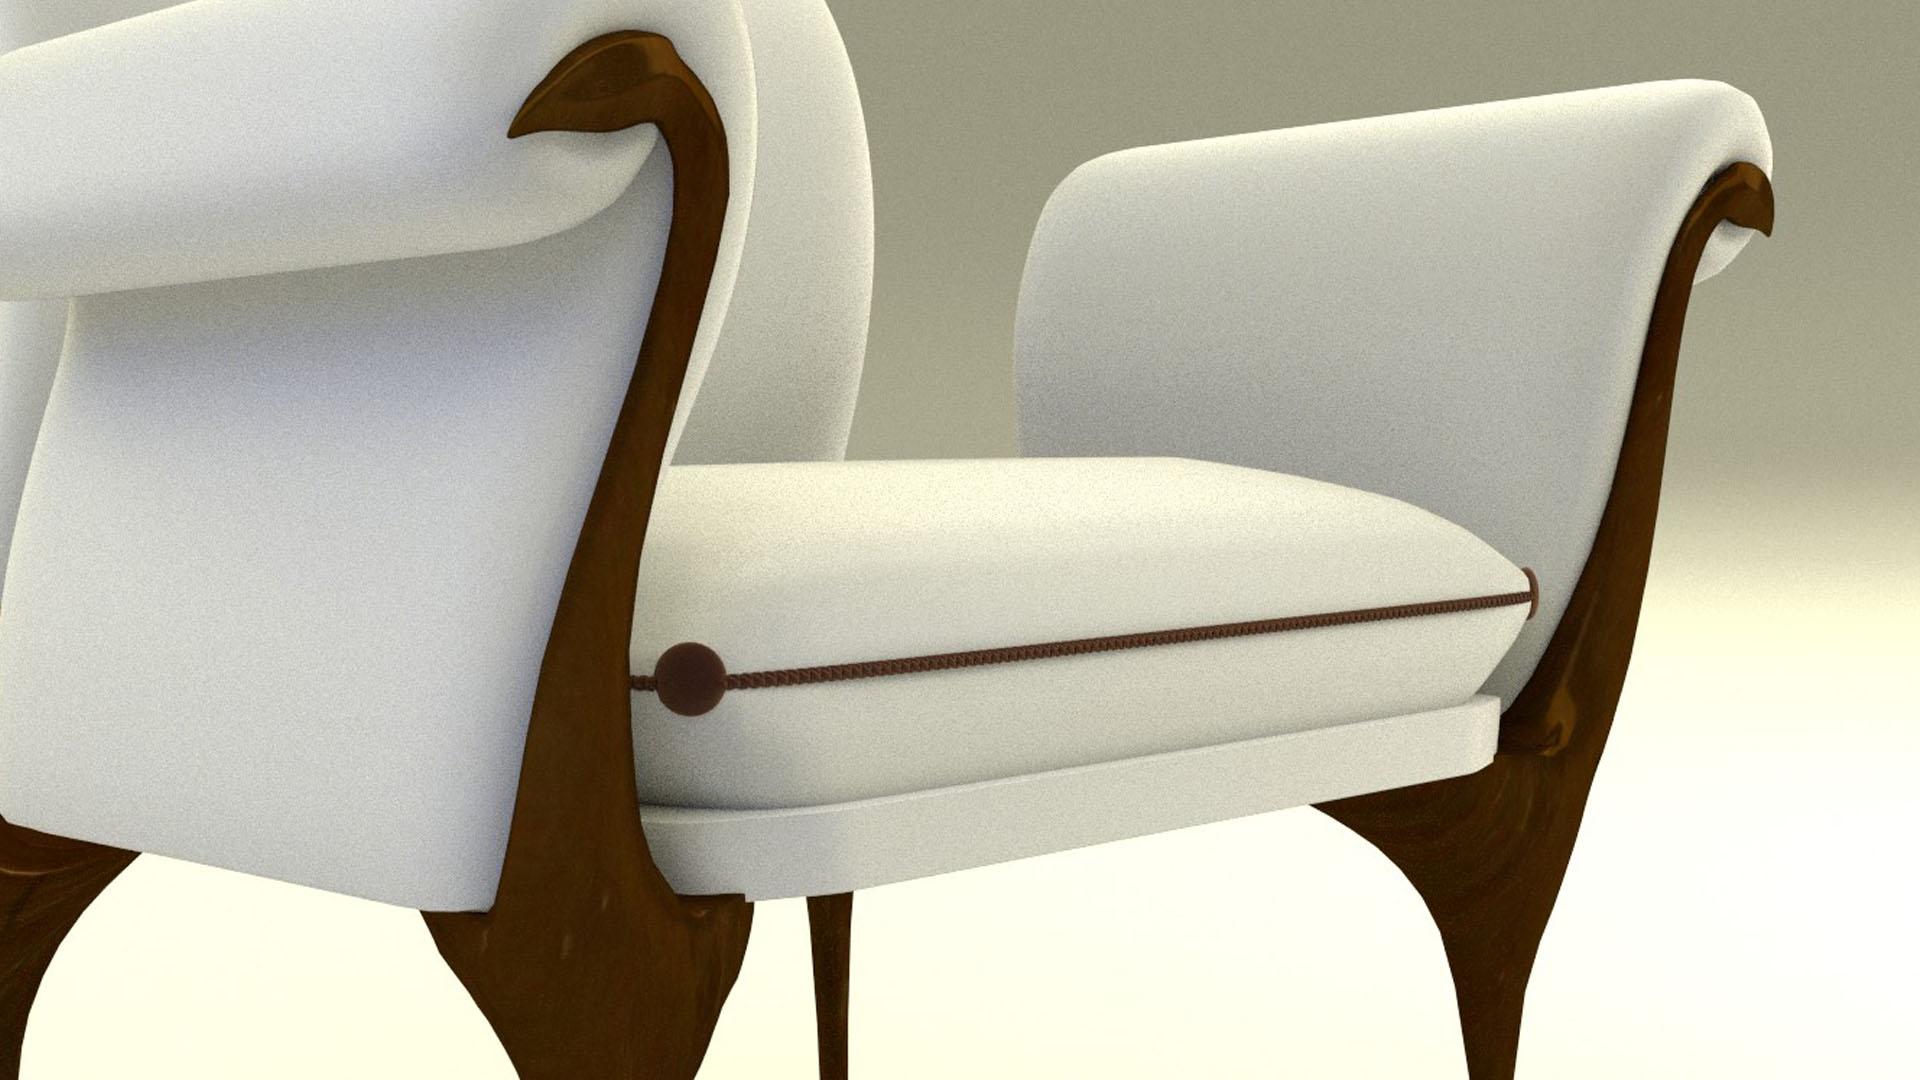 fauteuil réalisation damien pons infographiste